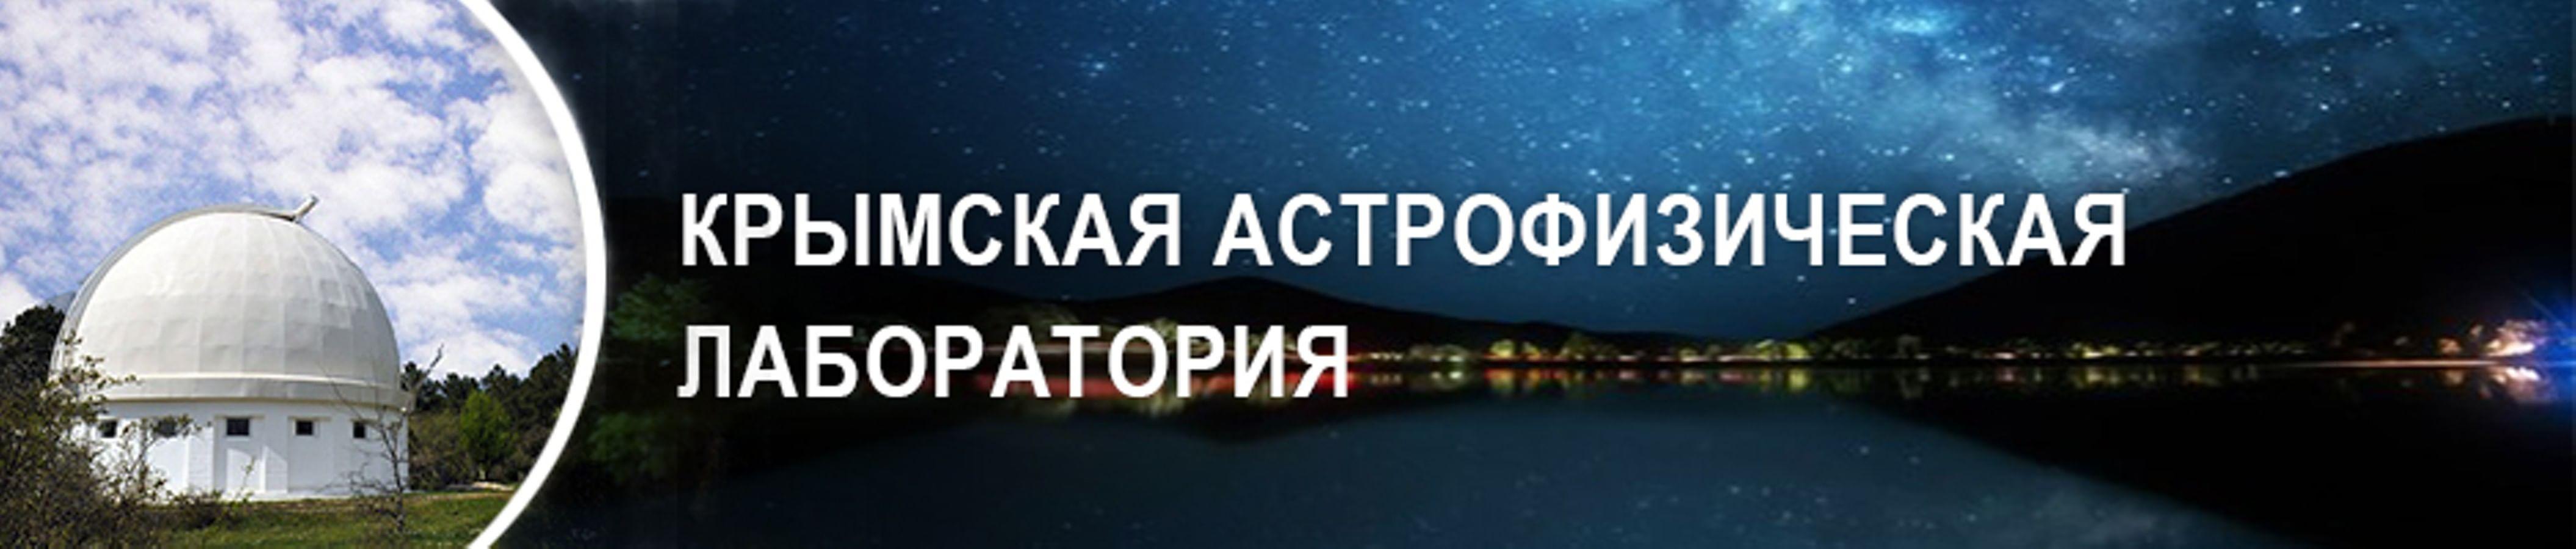 Крымская астрофизическая лаборатория